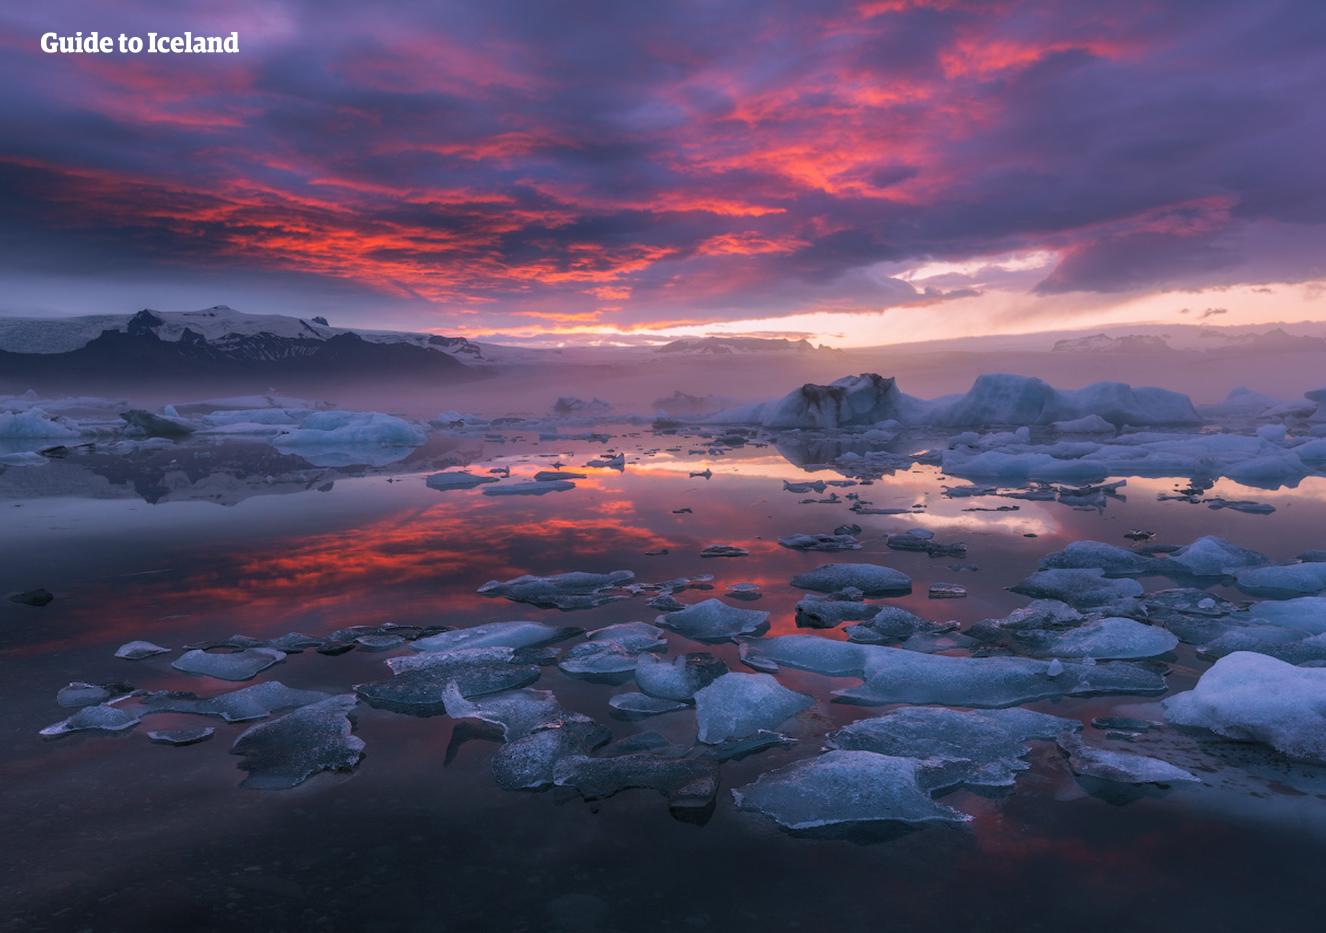 La laguna glaciar de Jökulsárlón es uno de los parajes naturales más hermosos de Islandia.